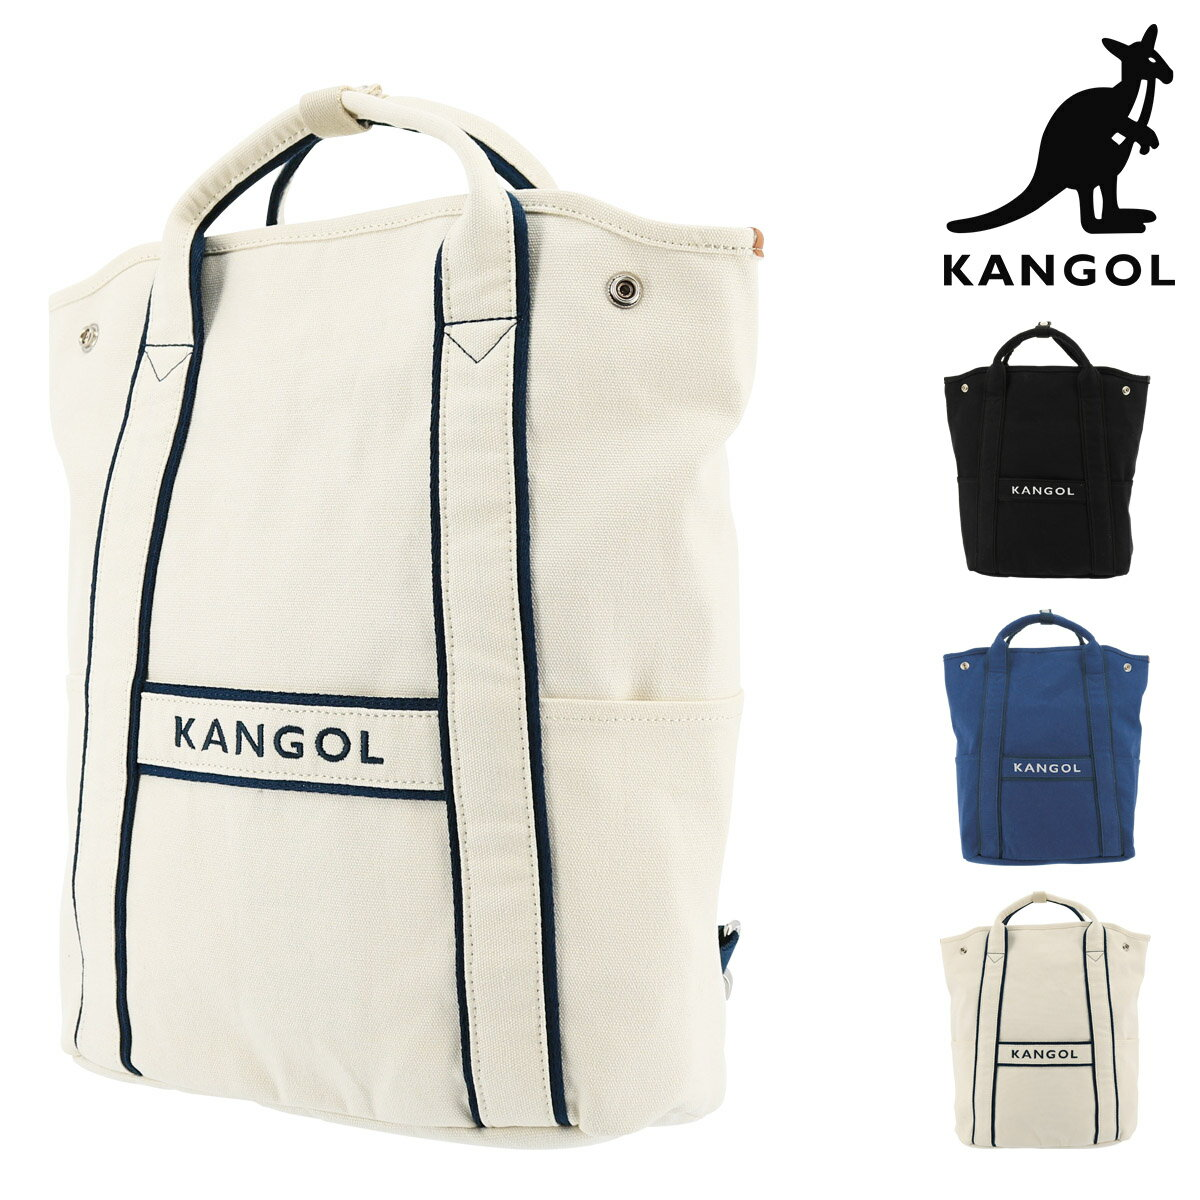 カンゴール リュック メンズ レディース 250-4913 KANGOL | リュックサック A4 キャンバス 大容量 barretta[PO10][bef][即日発送]